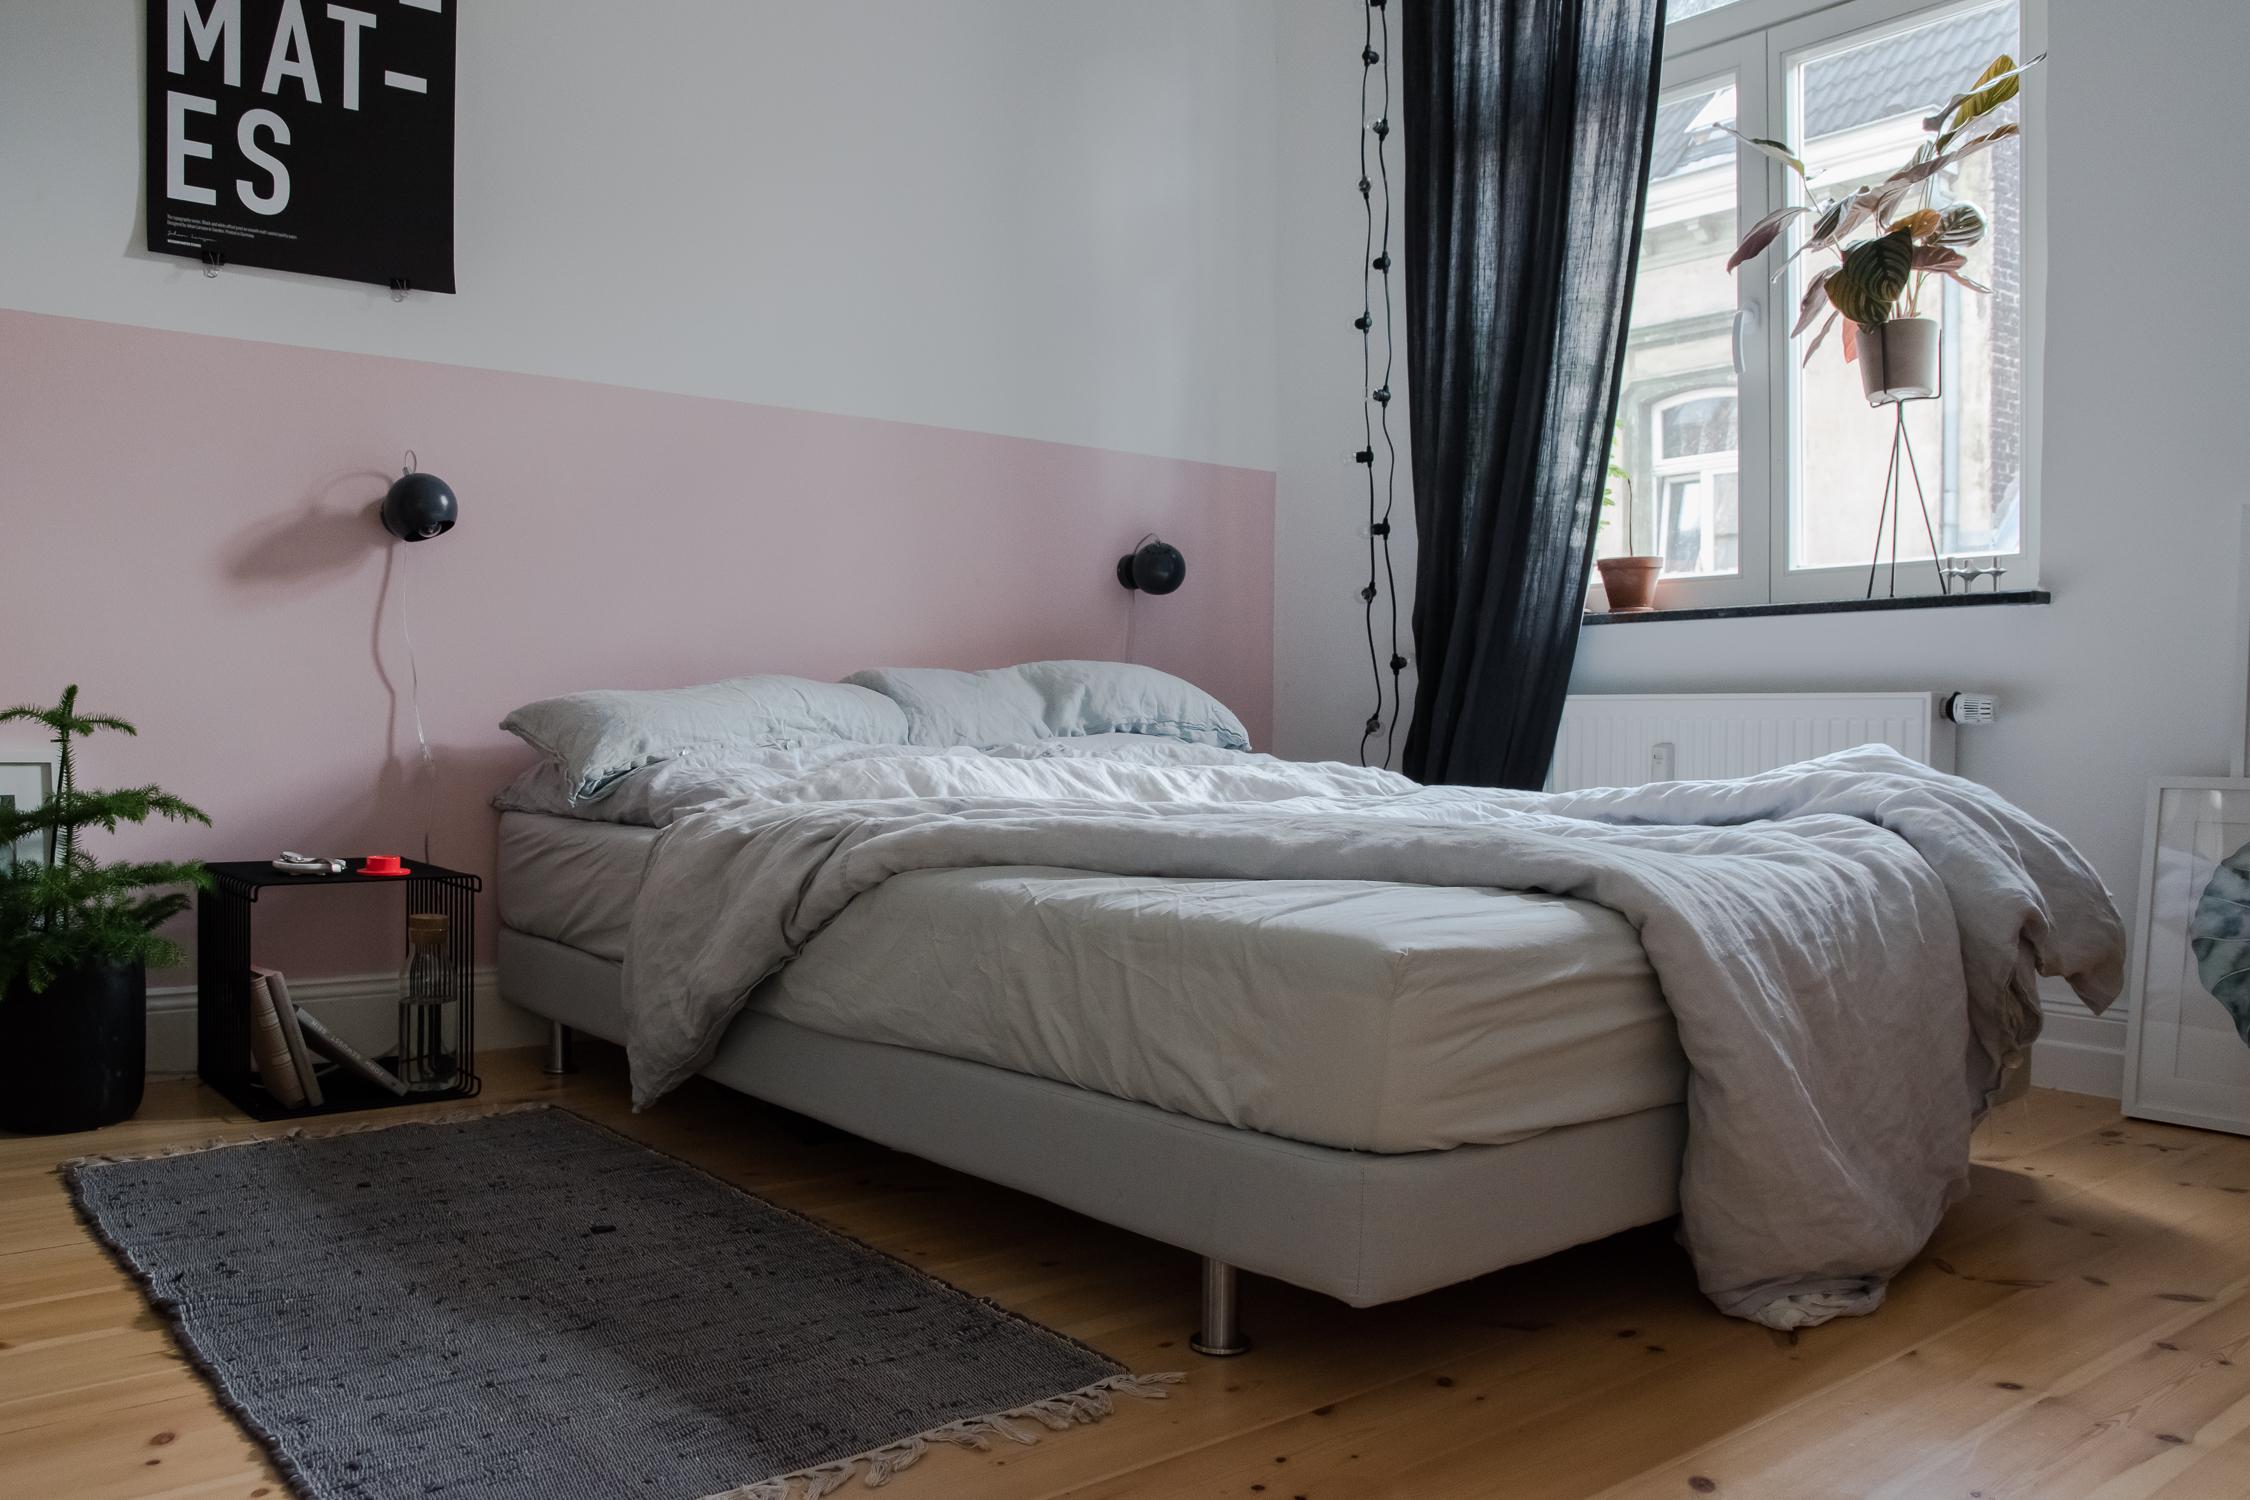 besser schlafen meine tipps f r eine erholsame nacht craftifair. Black Bedroom Furniture Sets. Home Design Ideas